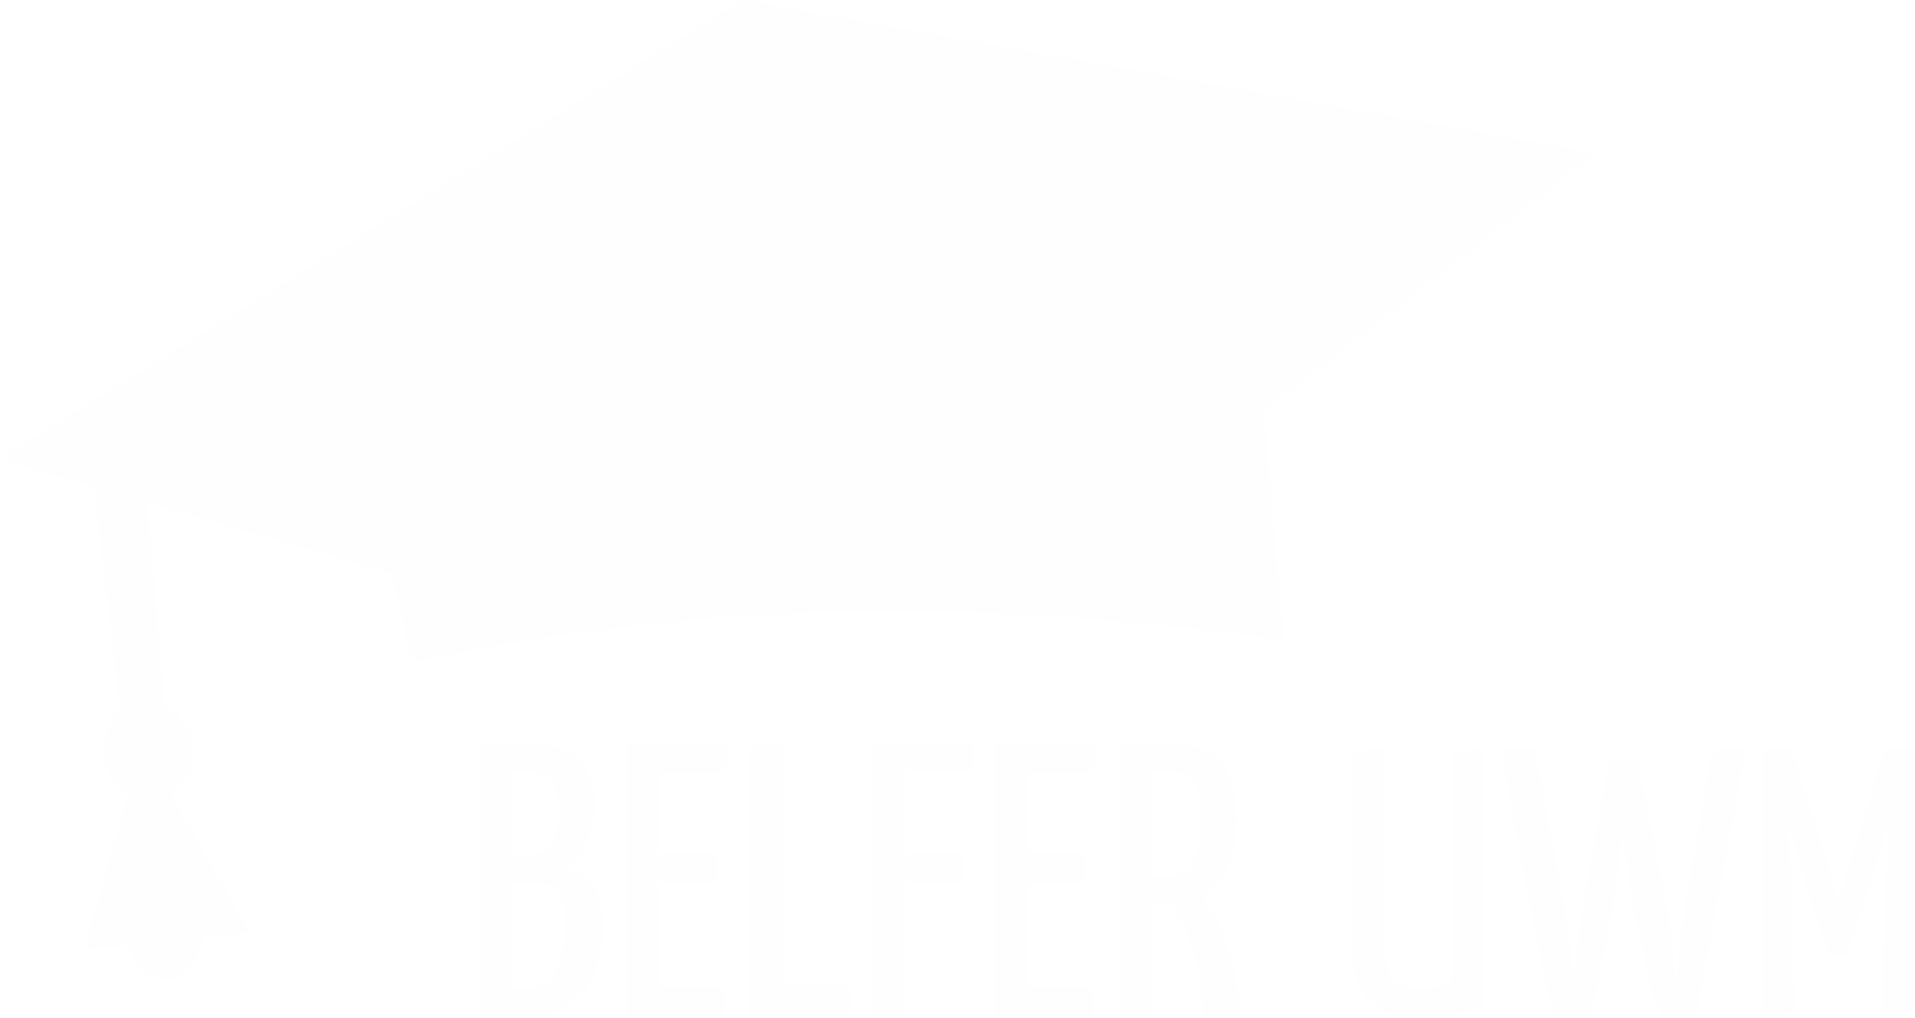 Belfer UWM 2020